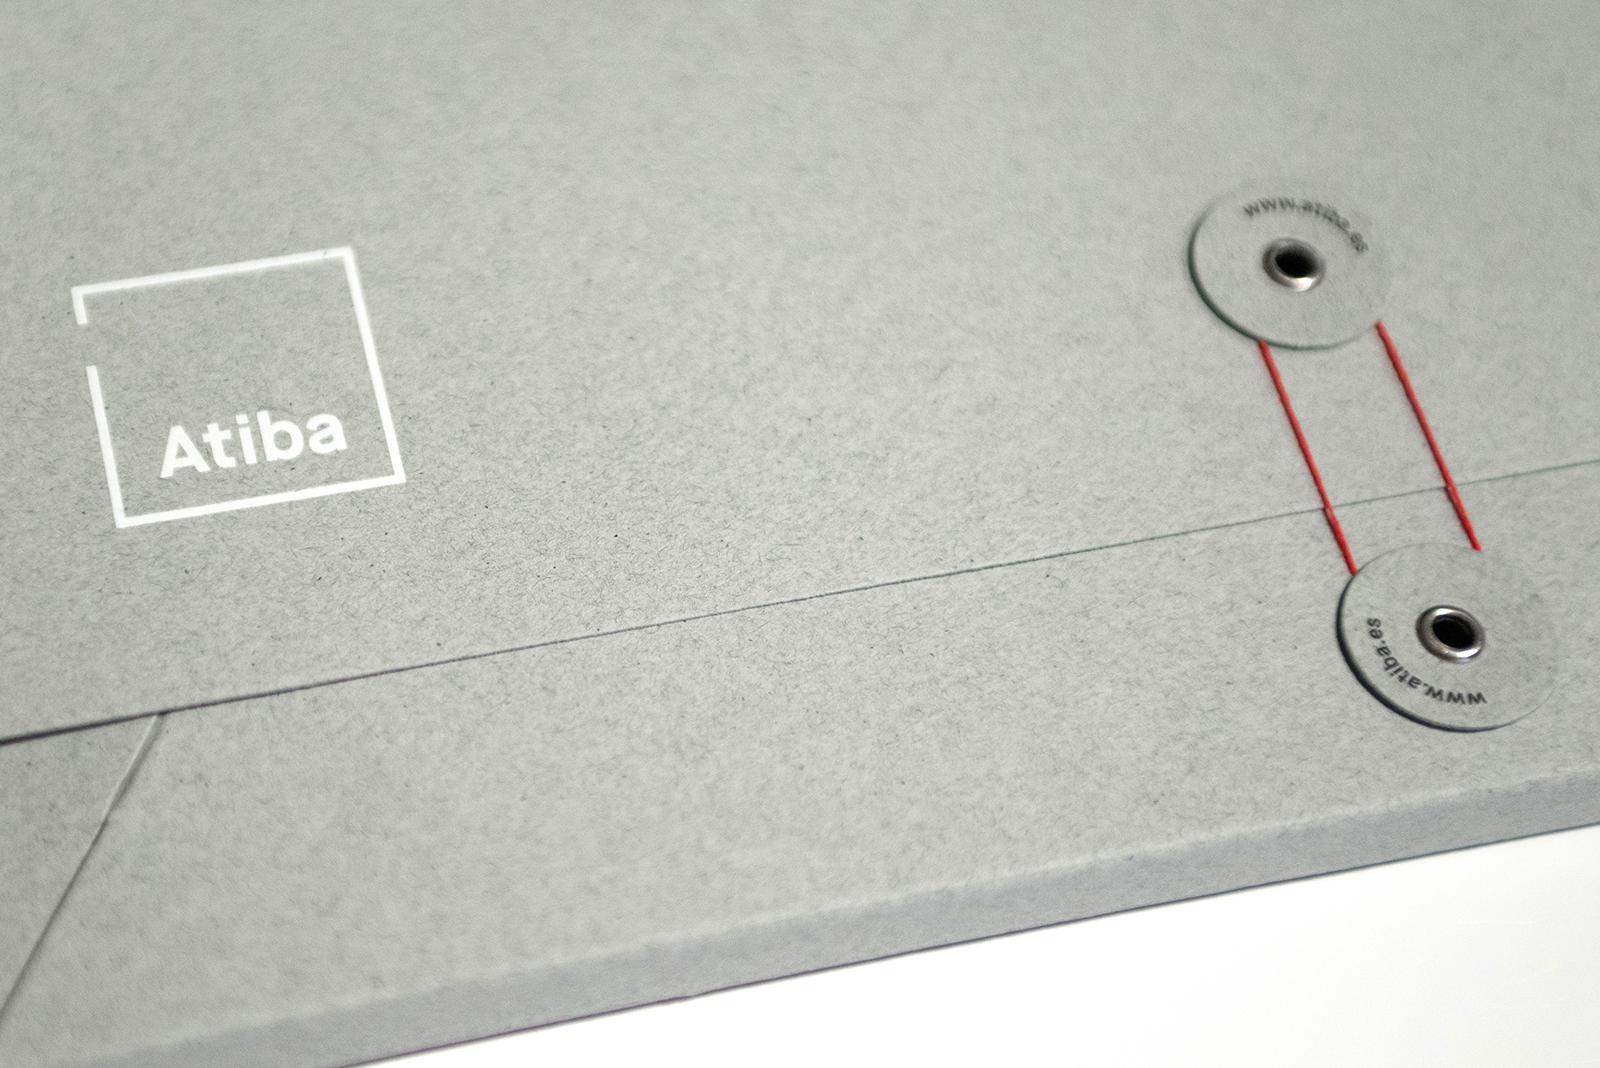 Fotografía de detalle del diseño de la carpeta para la identidad de arquitectura Atiba.